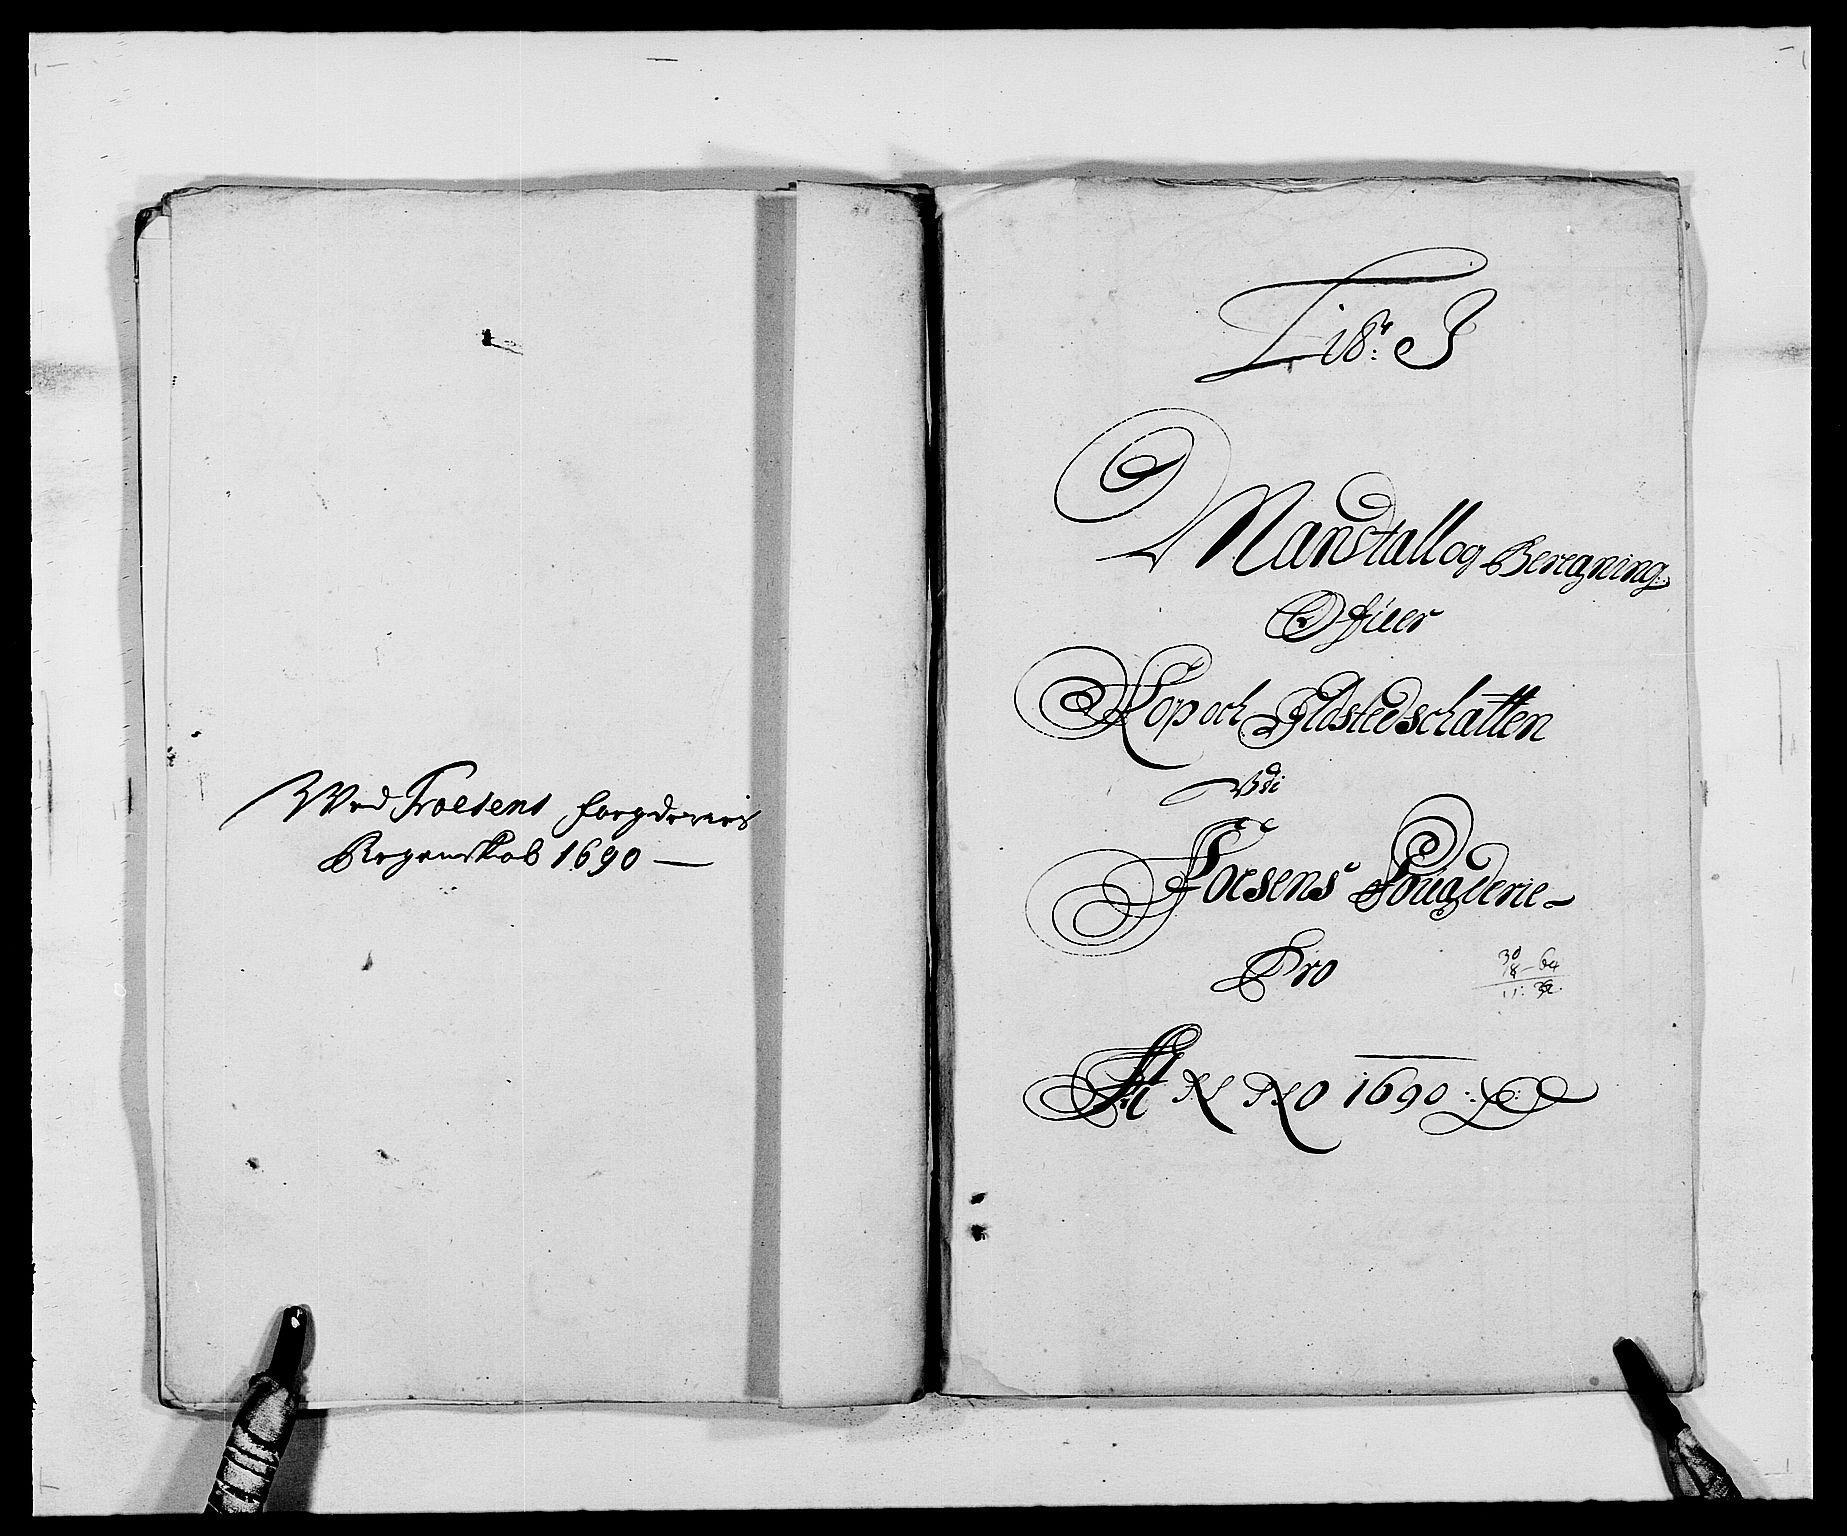 RA, Rentekammeret inntil 1814, Reviderte regnskaper, Fogderegnskap, R57/L3848: Fogderegnskap Fosen, 1690-1691, s. 131